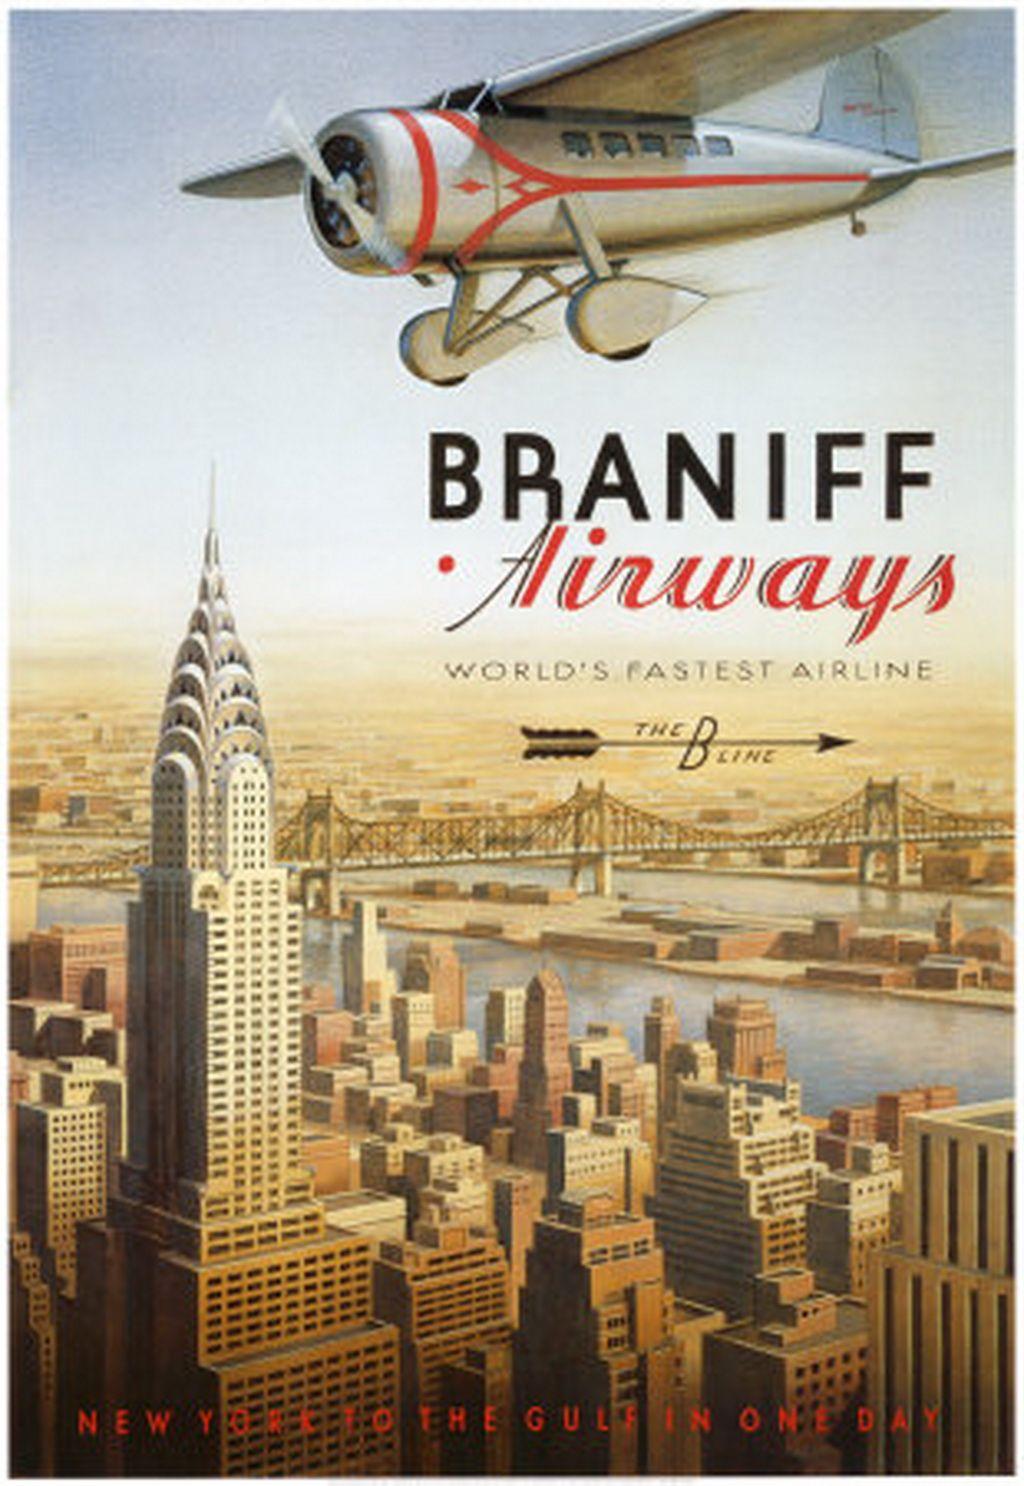 Kerne Erickson 'Braniff Airways New York to the Gulf in